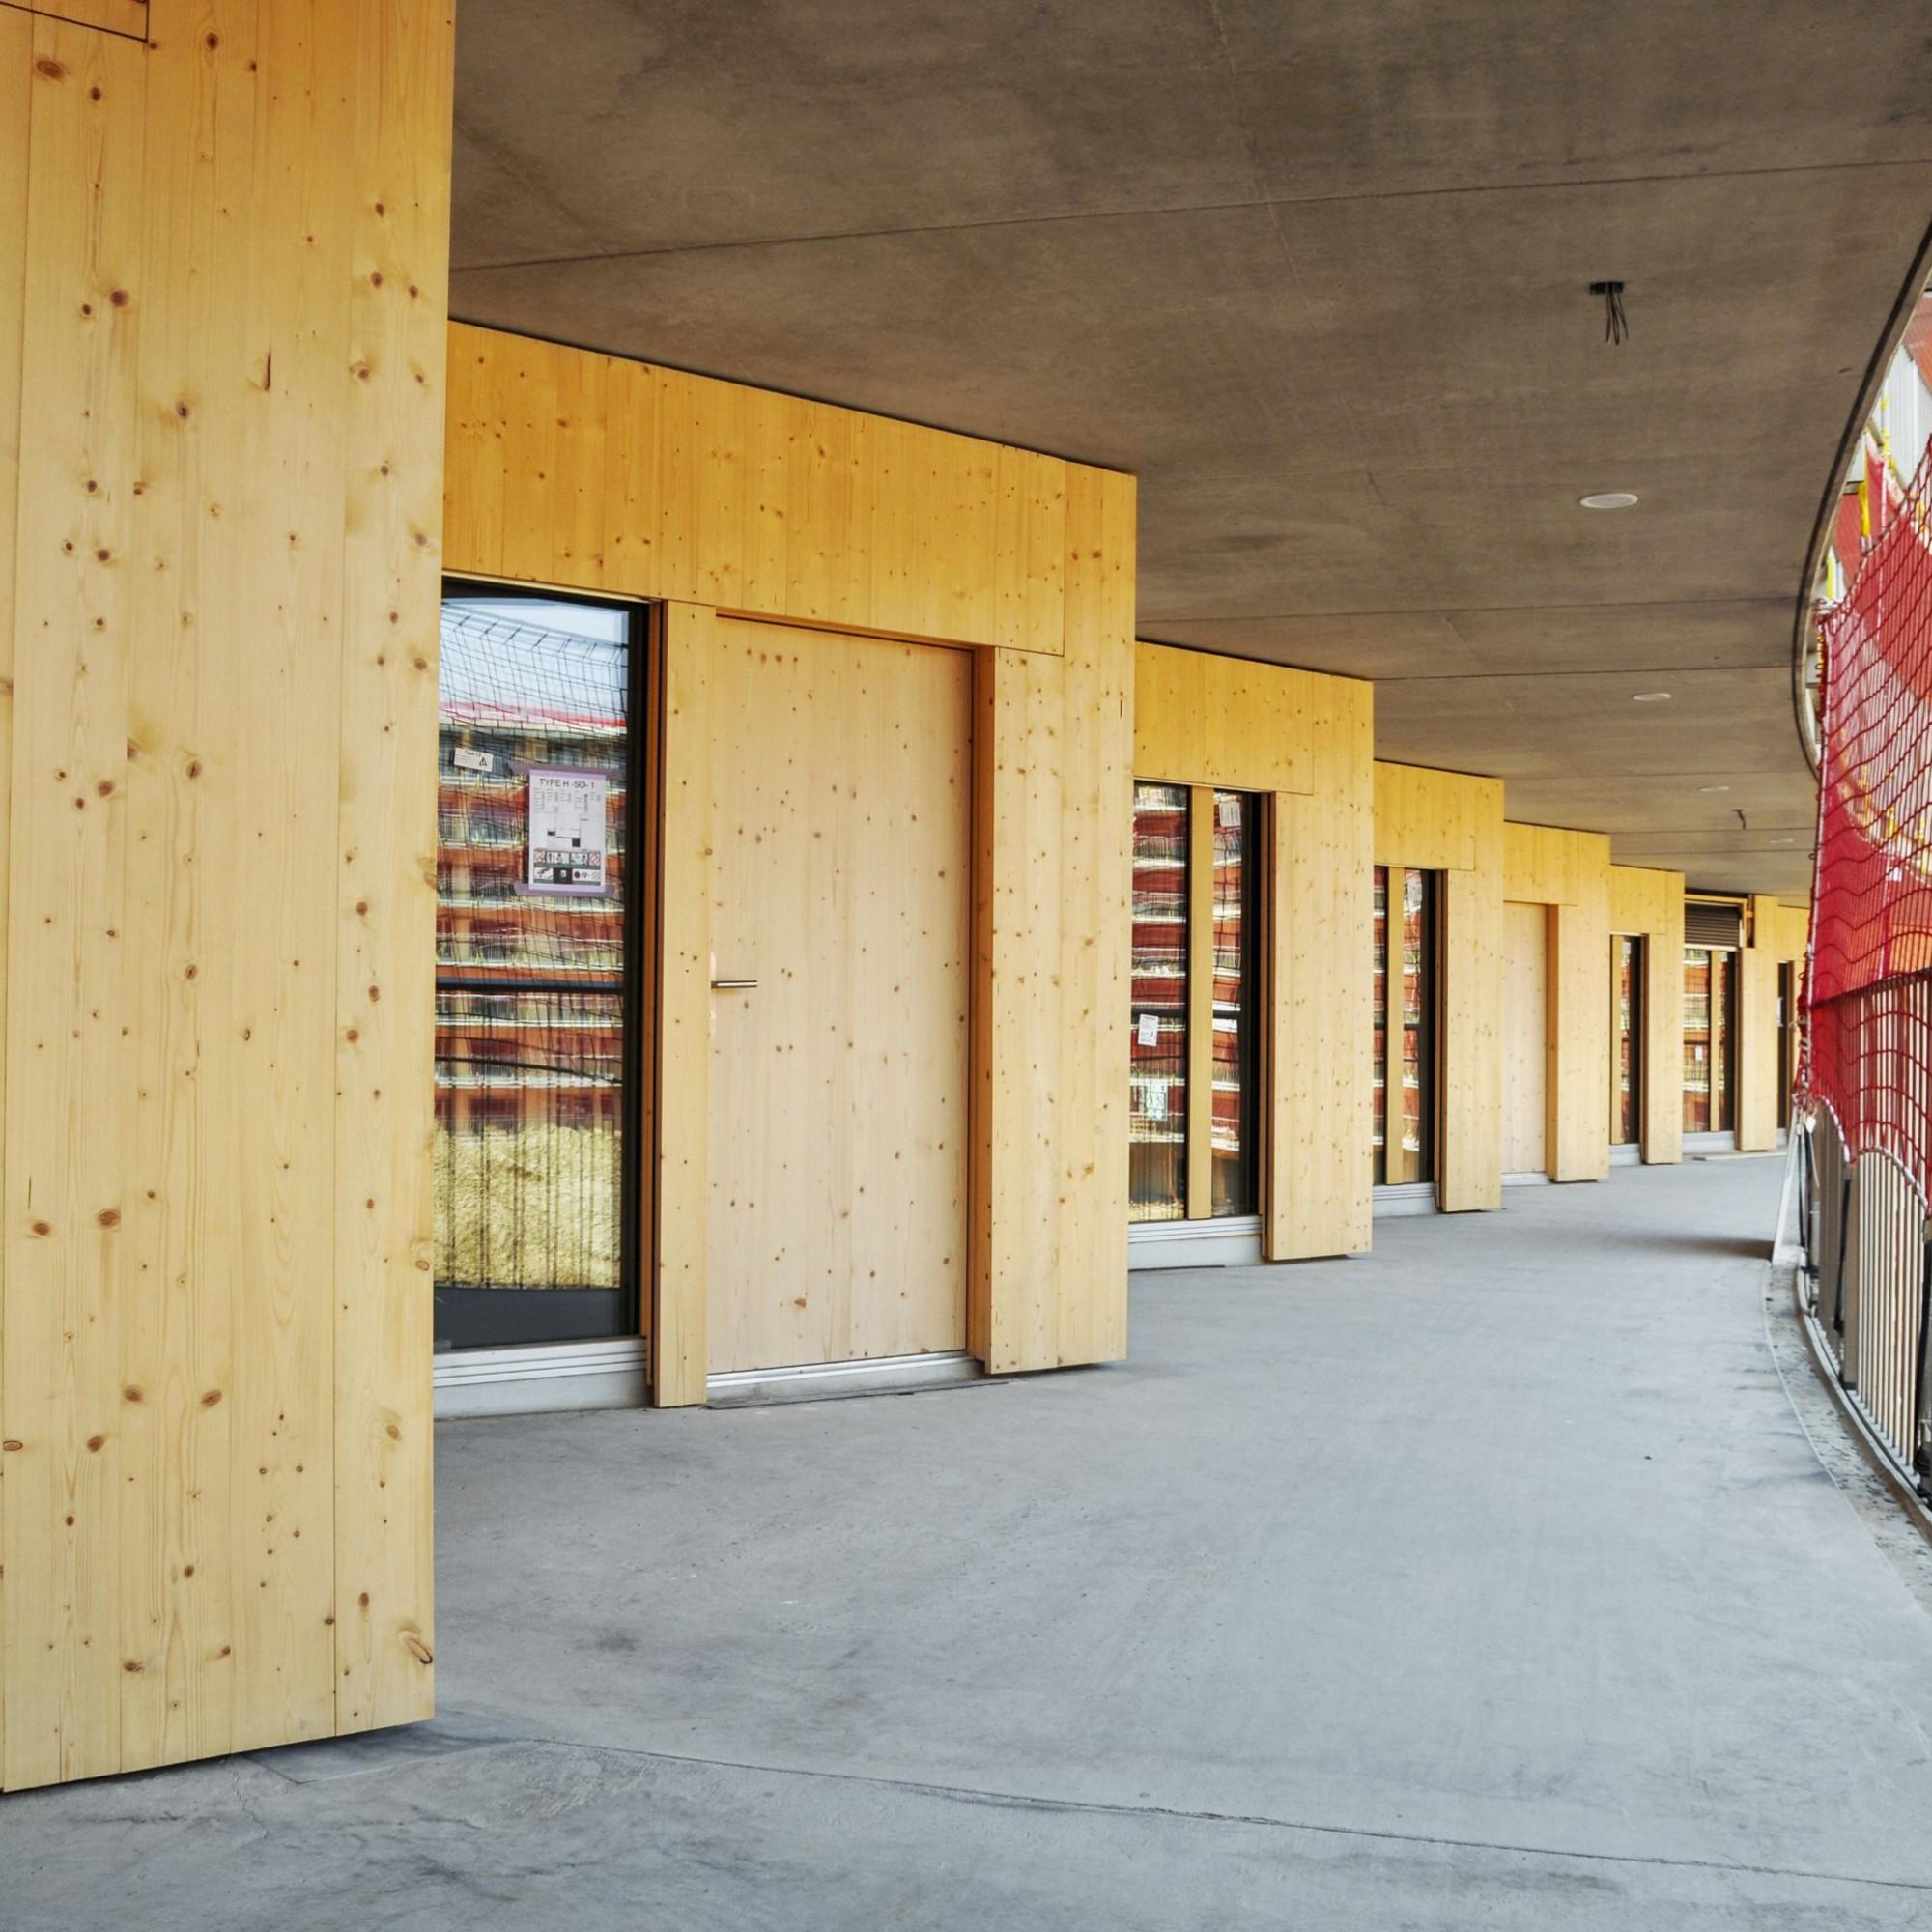 Schlichte Gestaltung: Fichtenholz und Beton bilden die Oberflächen der Räumlichkeiten. Im Aussenbereich ist der Boden mit Kunstharz beschichtet, innen erhalten die Gipswände ein Glasgewebe und die Betonflächen einen staubverhindernden Anstrich.